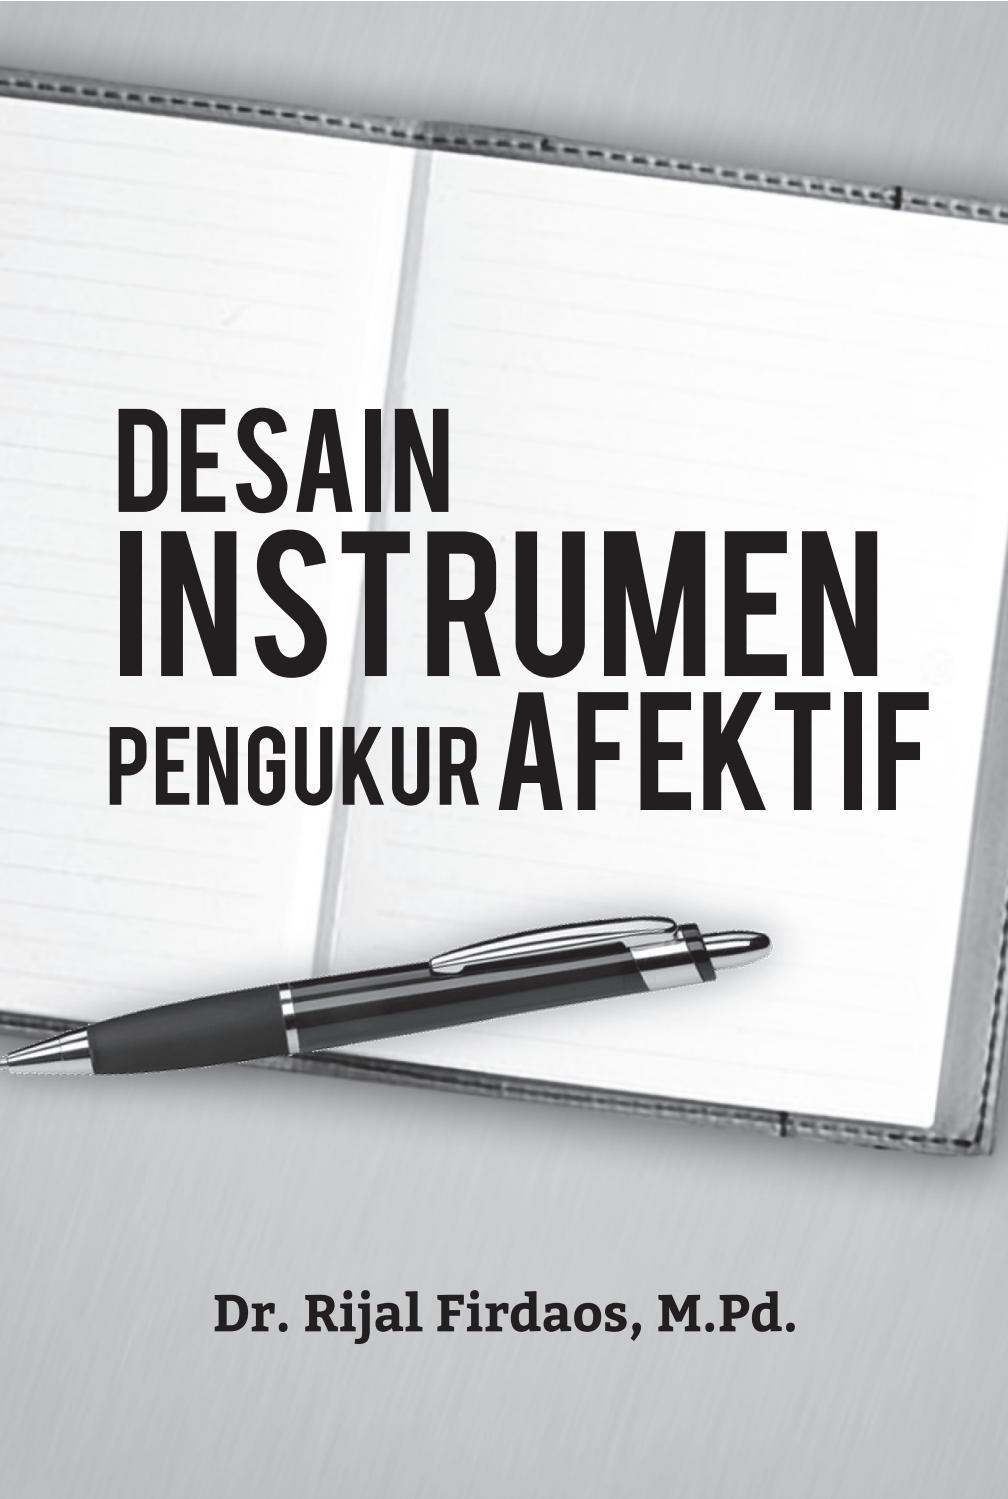 4000 Ide Desain Instrumen Adalah HD Terbaik Download Gratis